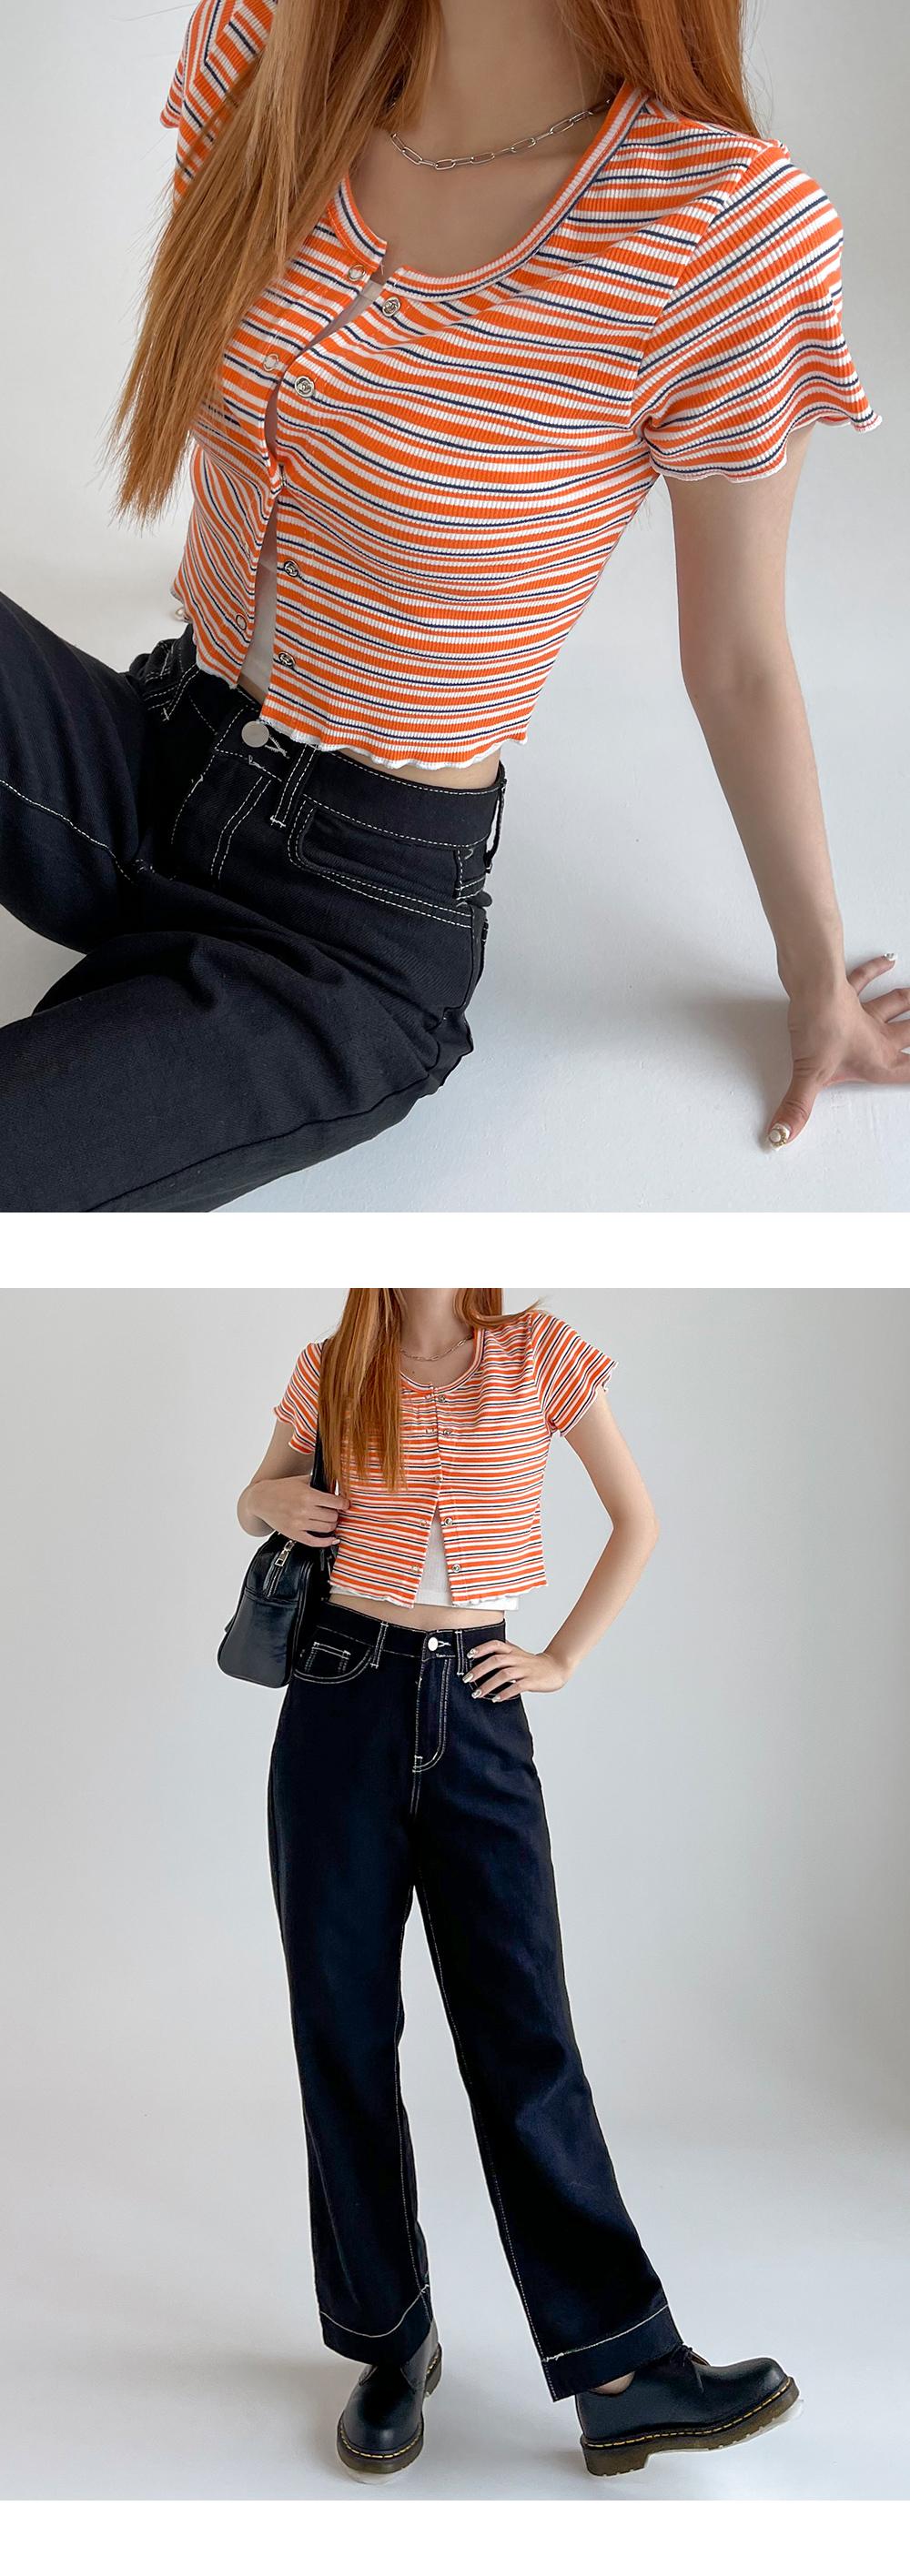 橫條紋釦子短版上衣